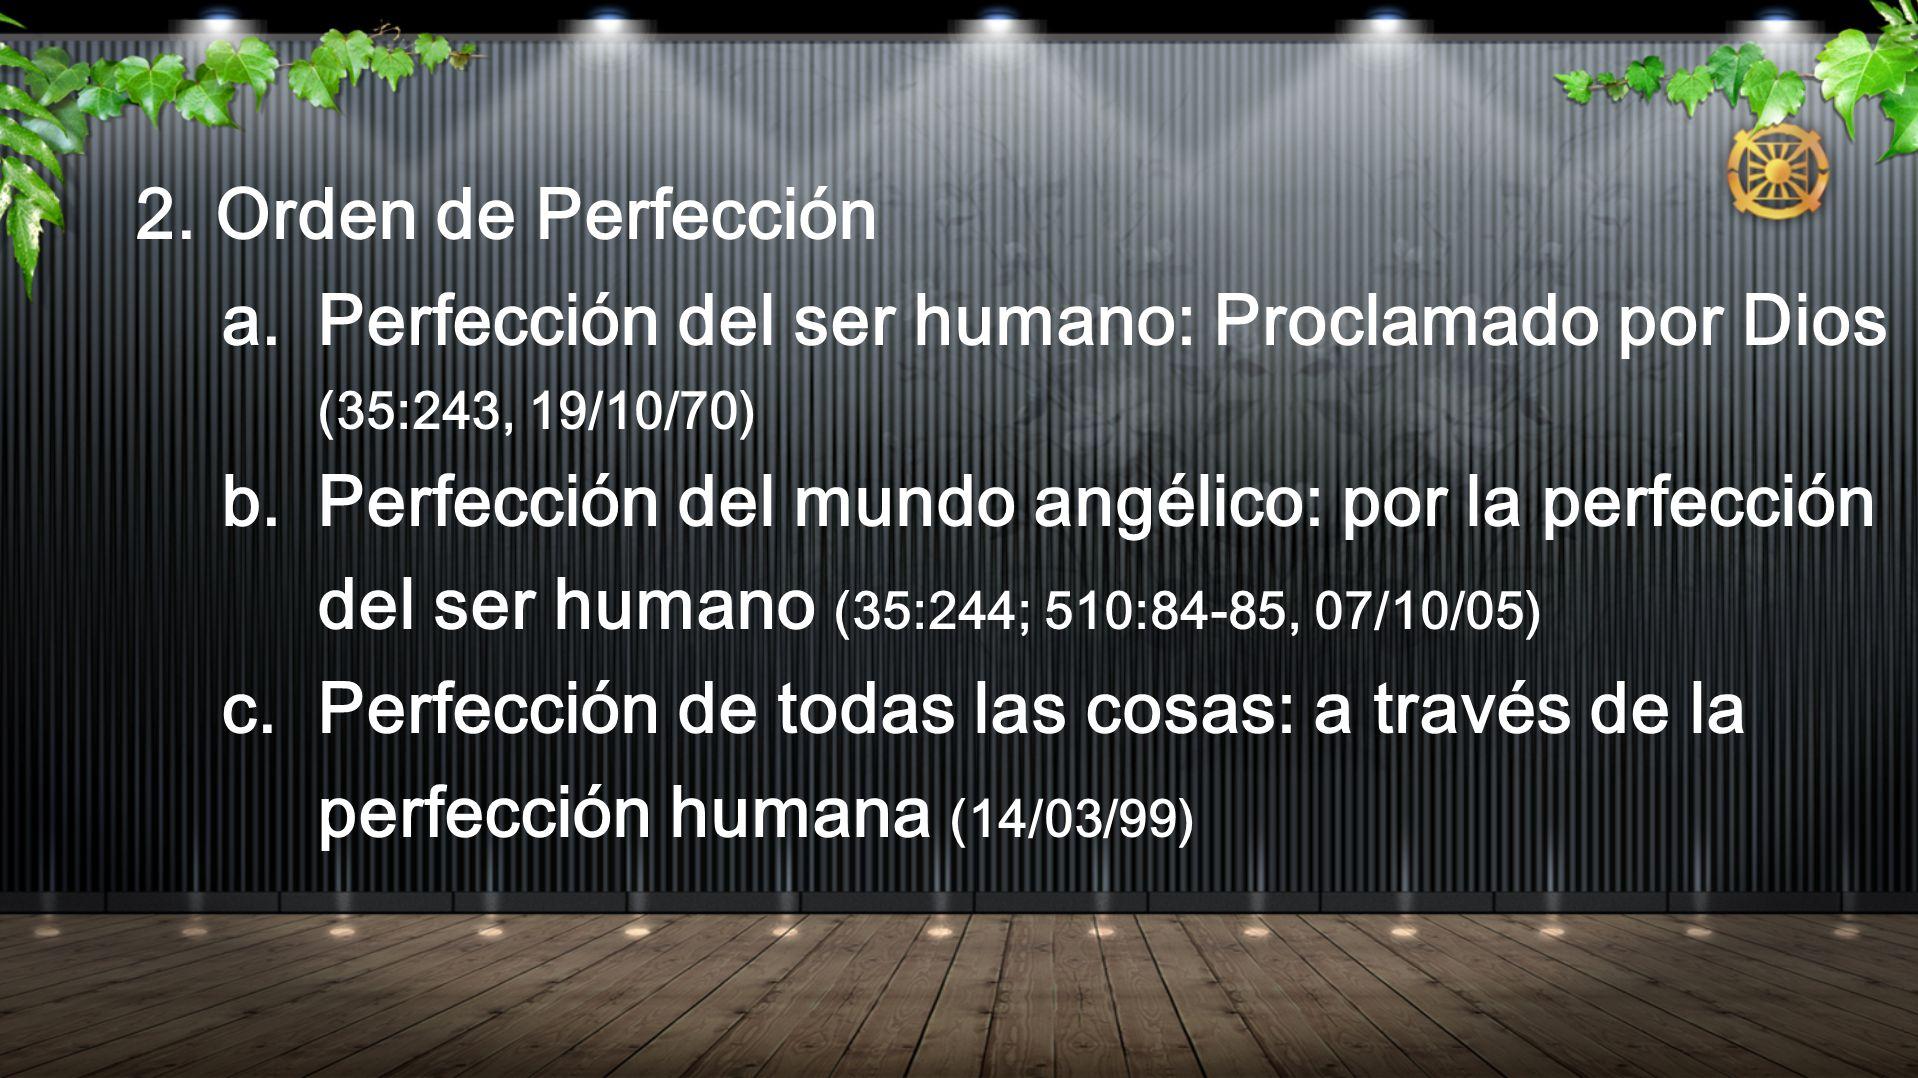 2. Orden de Perfección a. Perfección del ser humano: Proclamado por Dios (35:243, 19/10/70) b. Perfección del mundo angélico: por la perfección del se